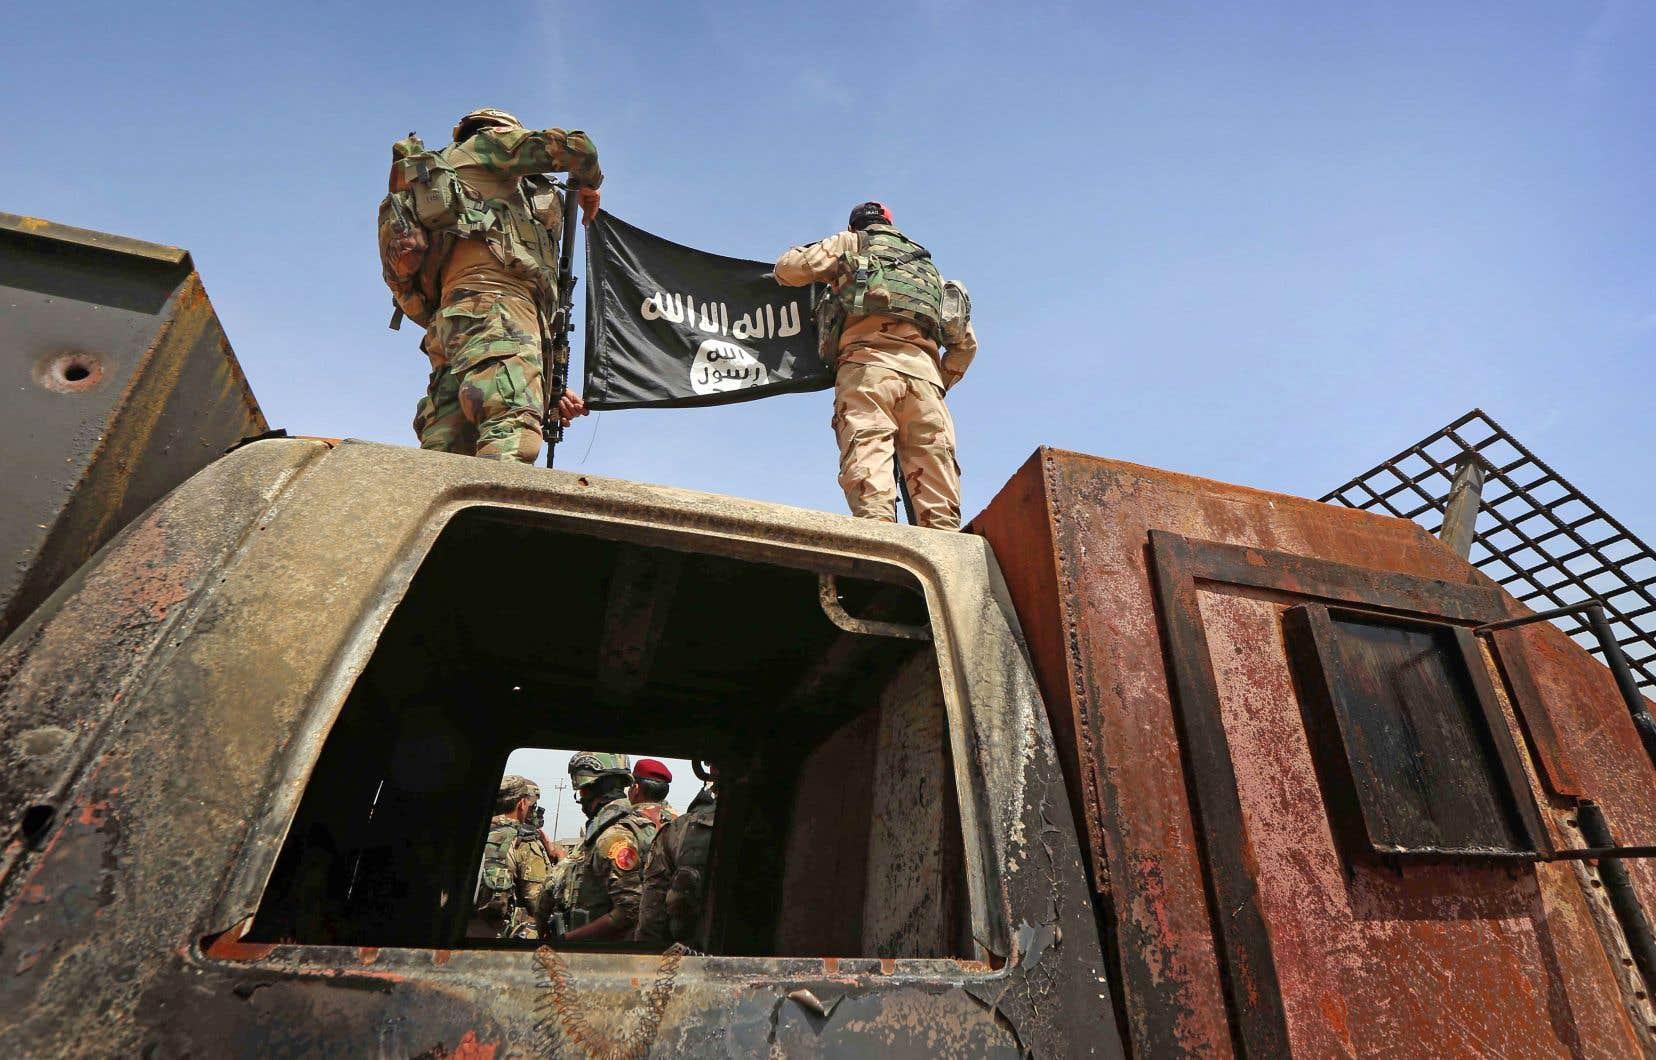 Le très peu qu'il reste du groupe État islamique vacille en Syrie et va assurément chuter.